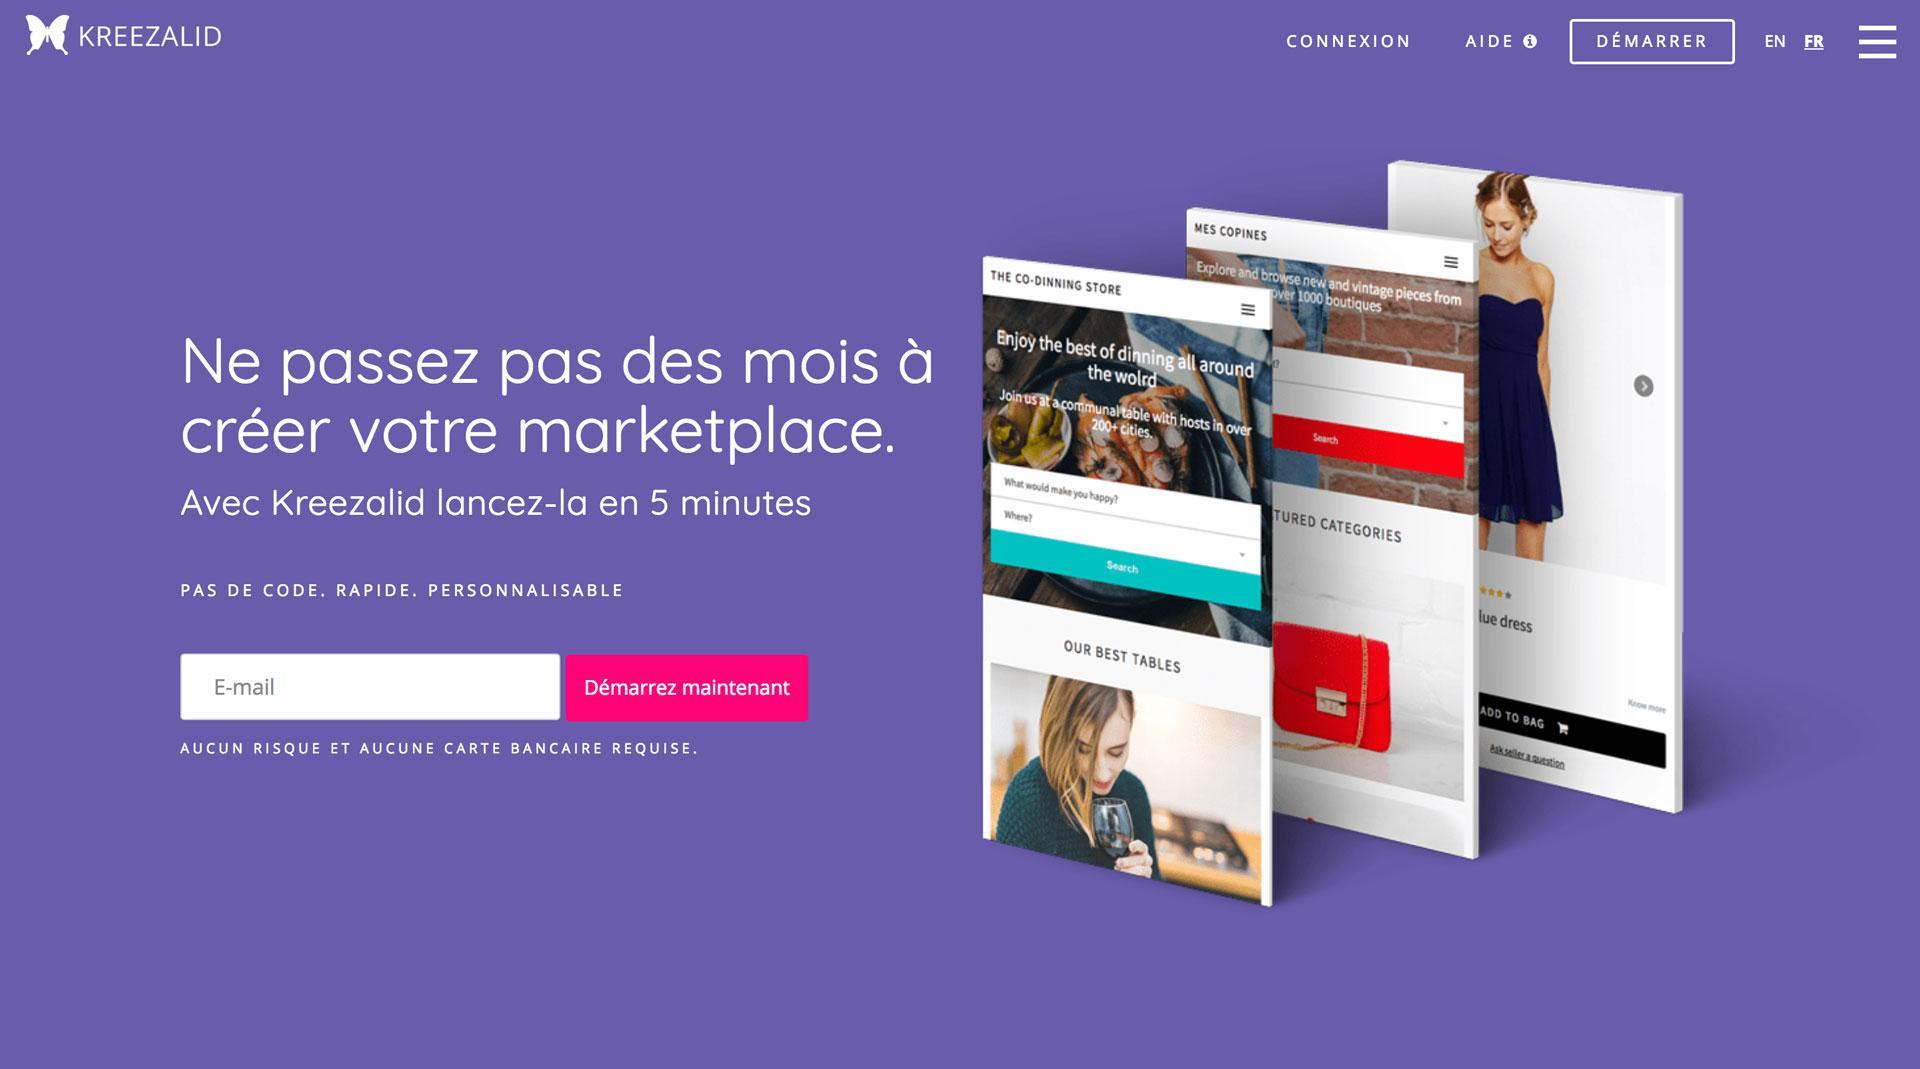 Kreezalid Homepage, die erklärt, wie man leicht bauen Sie Ihre eigenen Marktplatz